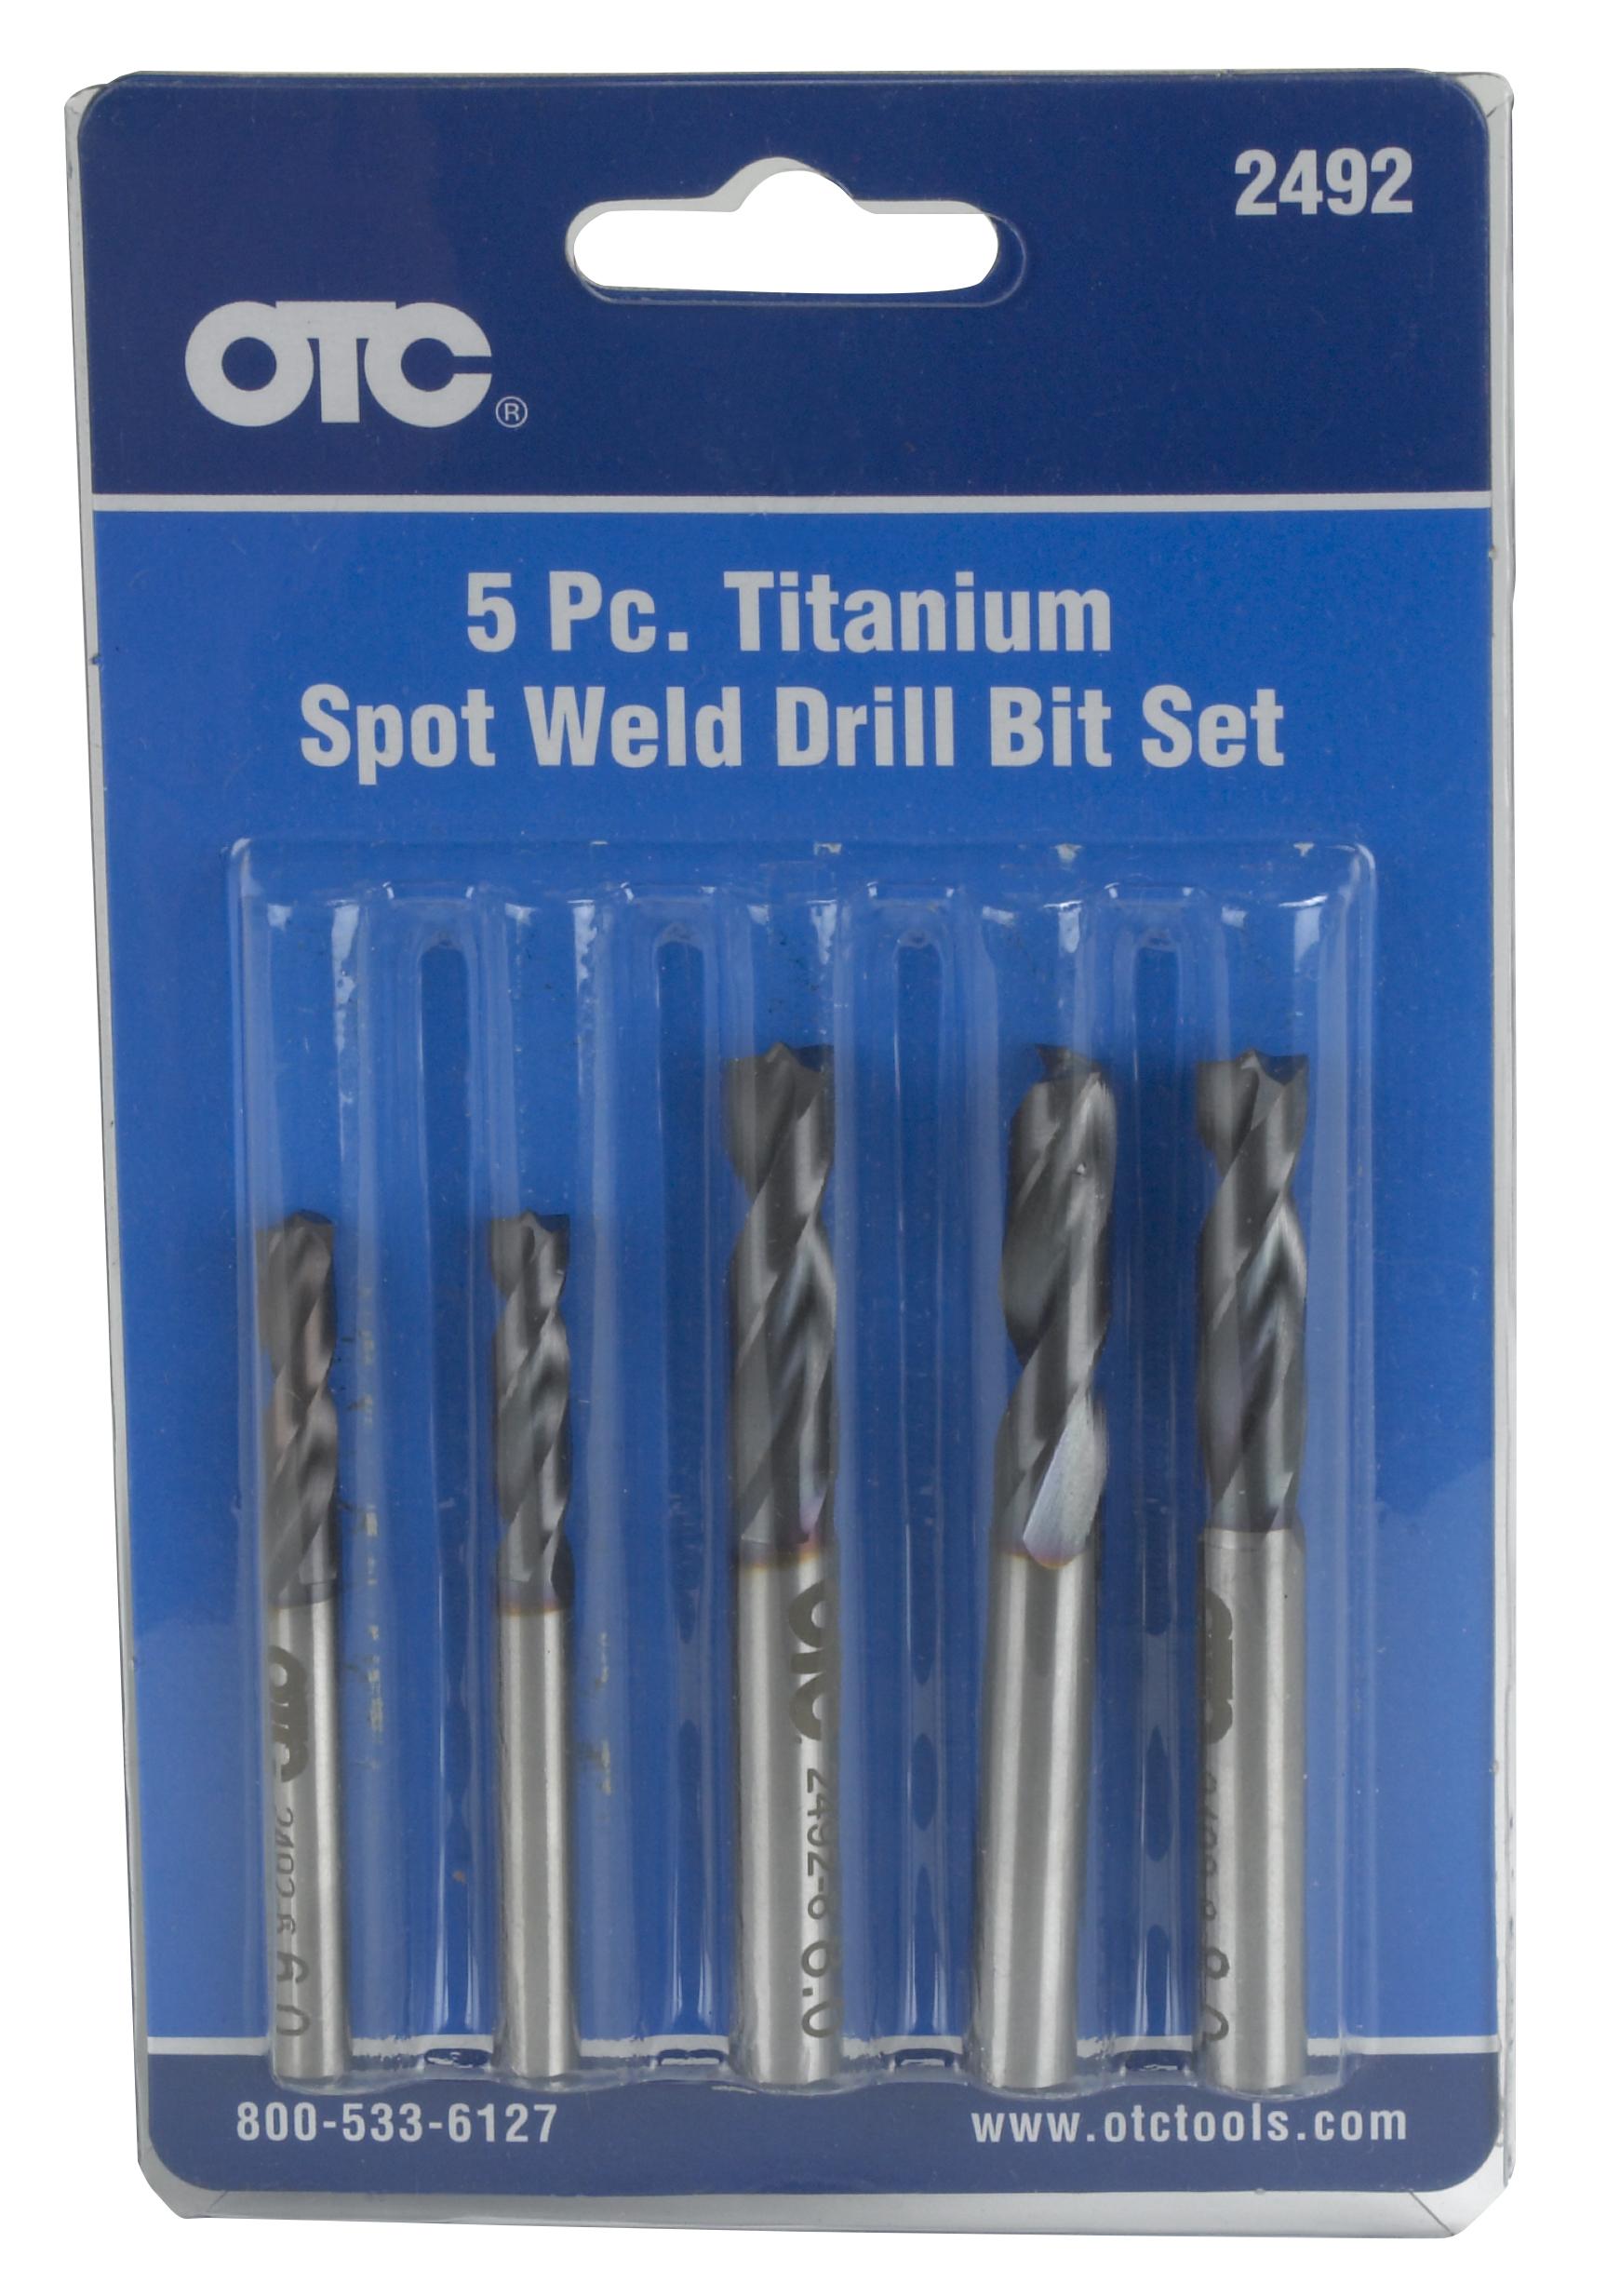 Cobalt Drill Bit Set >> 5 Piece Spotweld Drill Bit Set | OTC Tools